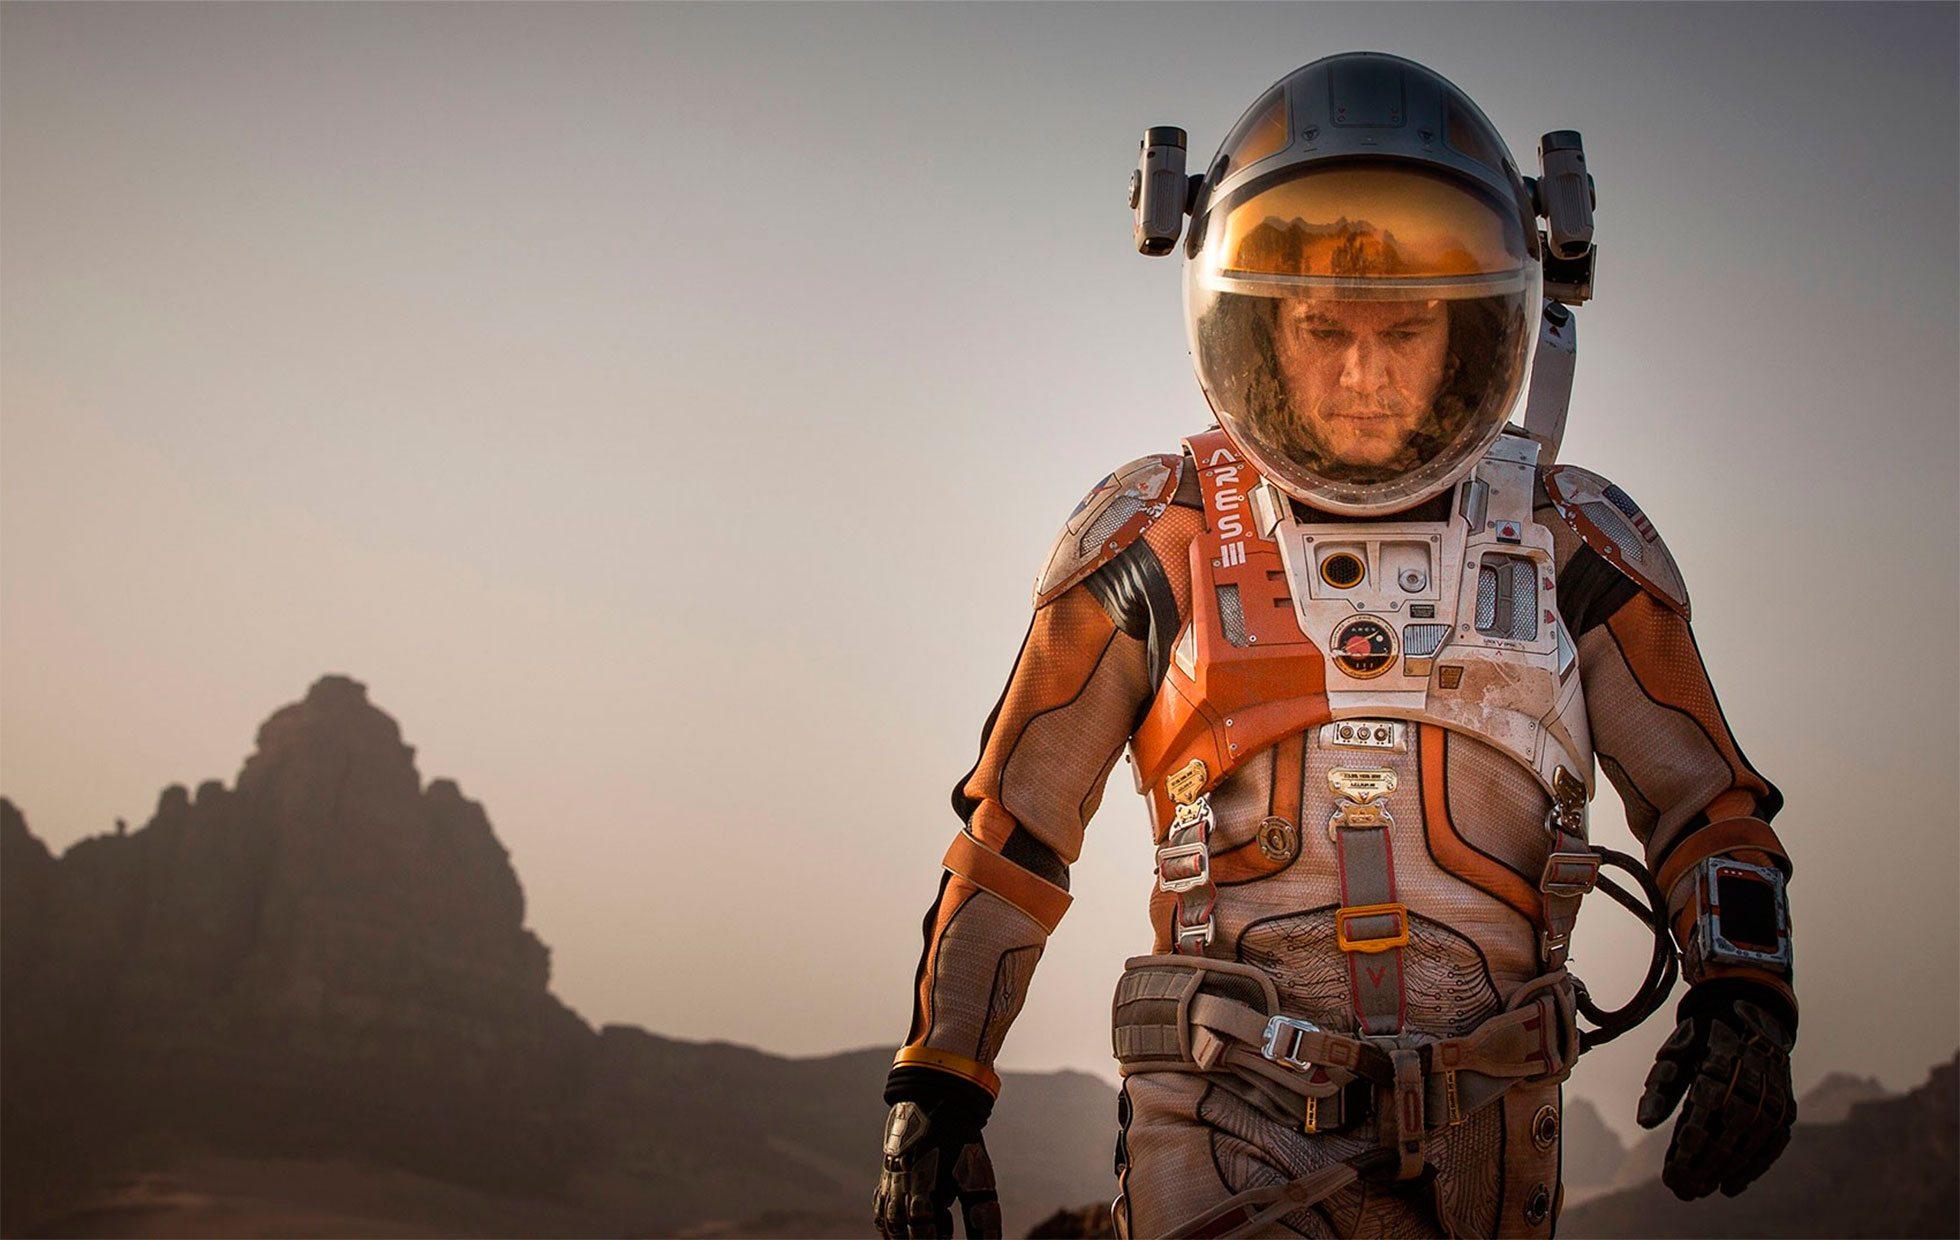 El pasado, presente y futuro espacial: Marte, ¡allá vamos!